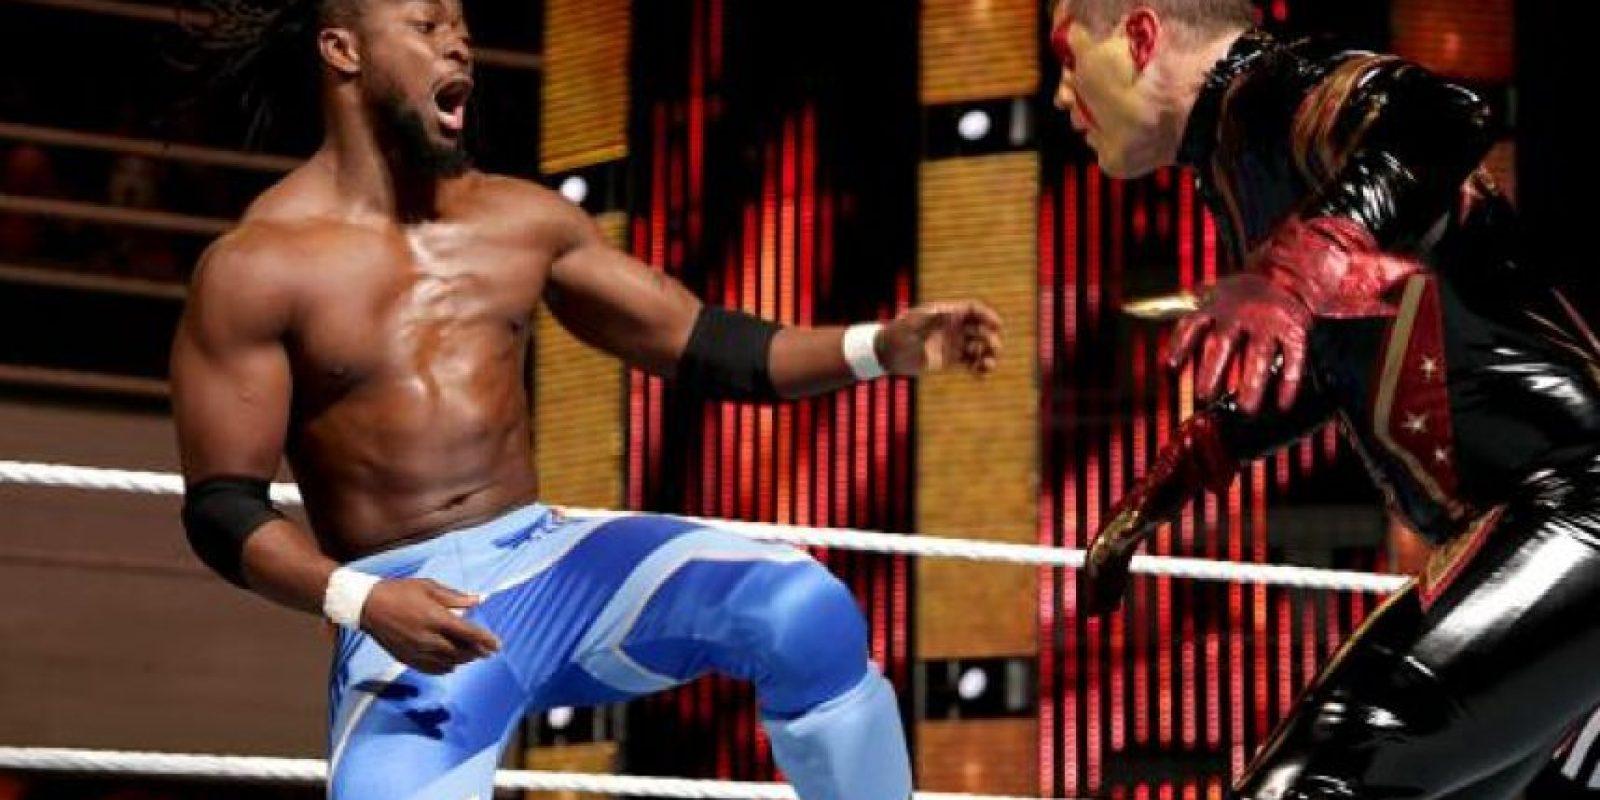 """Kofi Kingston: """"Estaría en los bienes raíces o ayudaría a mi esposa a ampliar su estudio de yoga"""" Foto:WWE"""